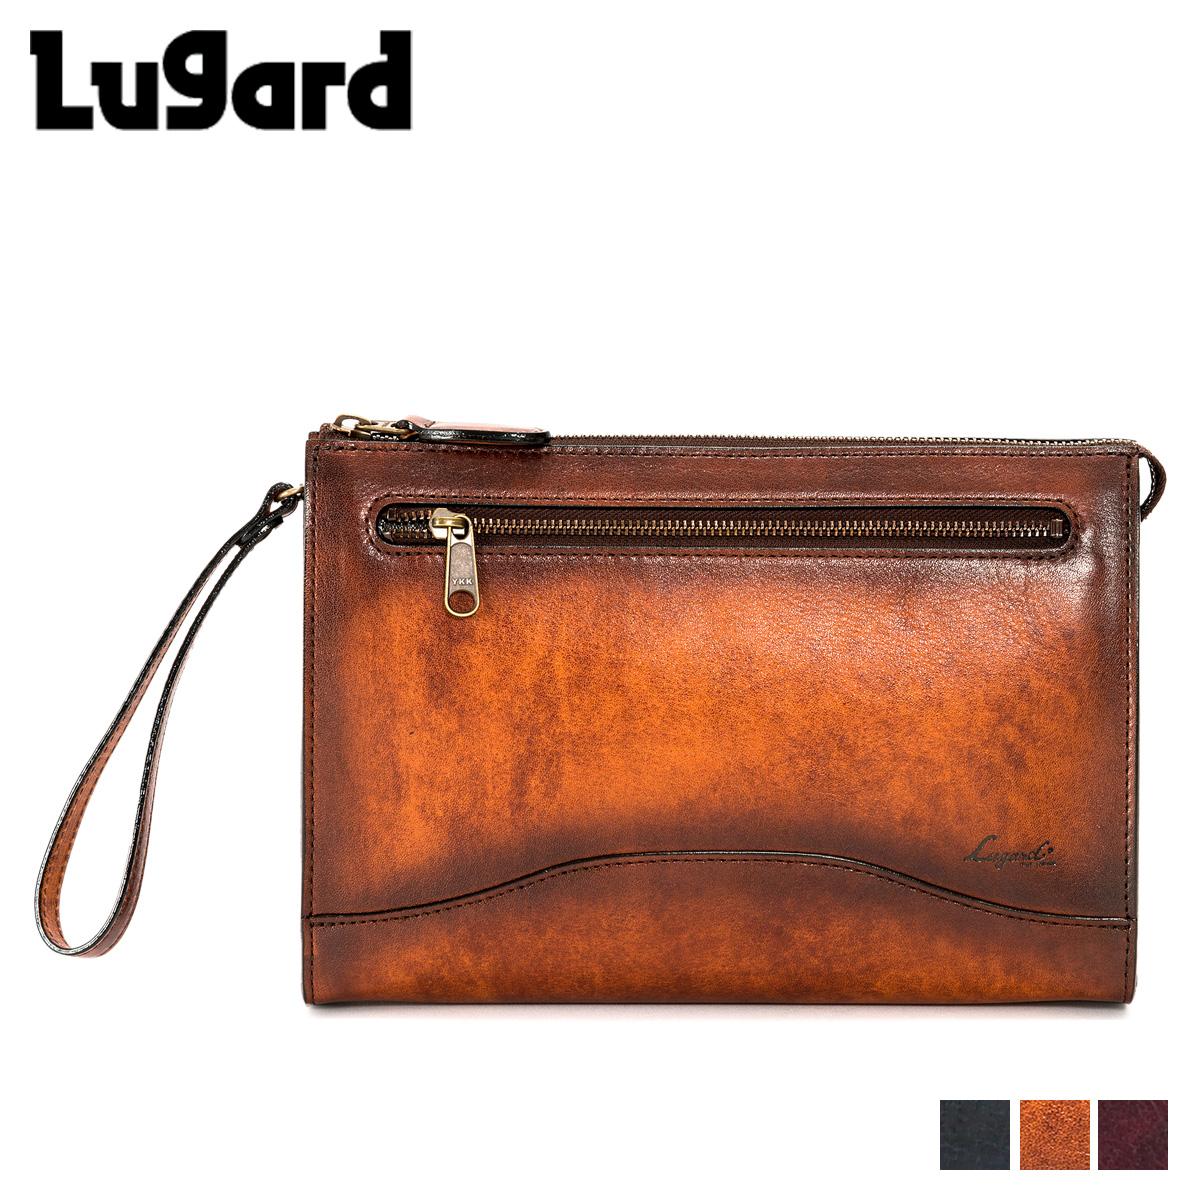 Lugard ラガード 青木鞄 ジースリー バッグ クラッチバッグ セカンドバッグ メンズ G3 CLUTCH BAG ネイビー ブラウン ボルドー 5213